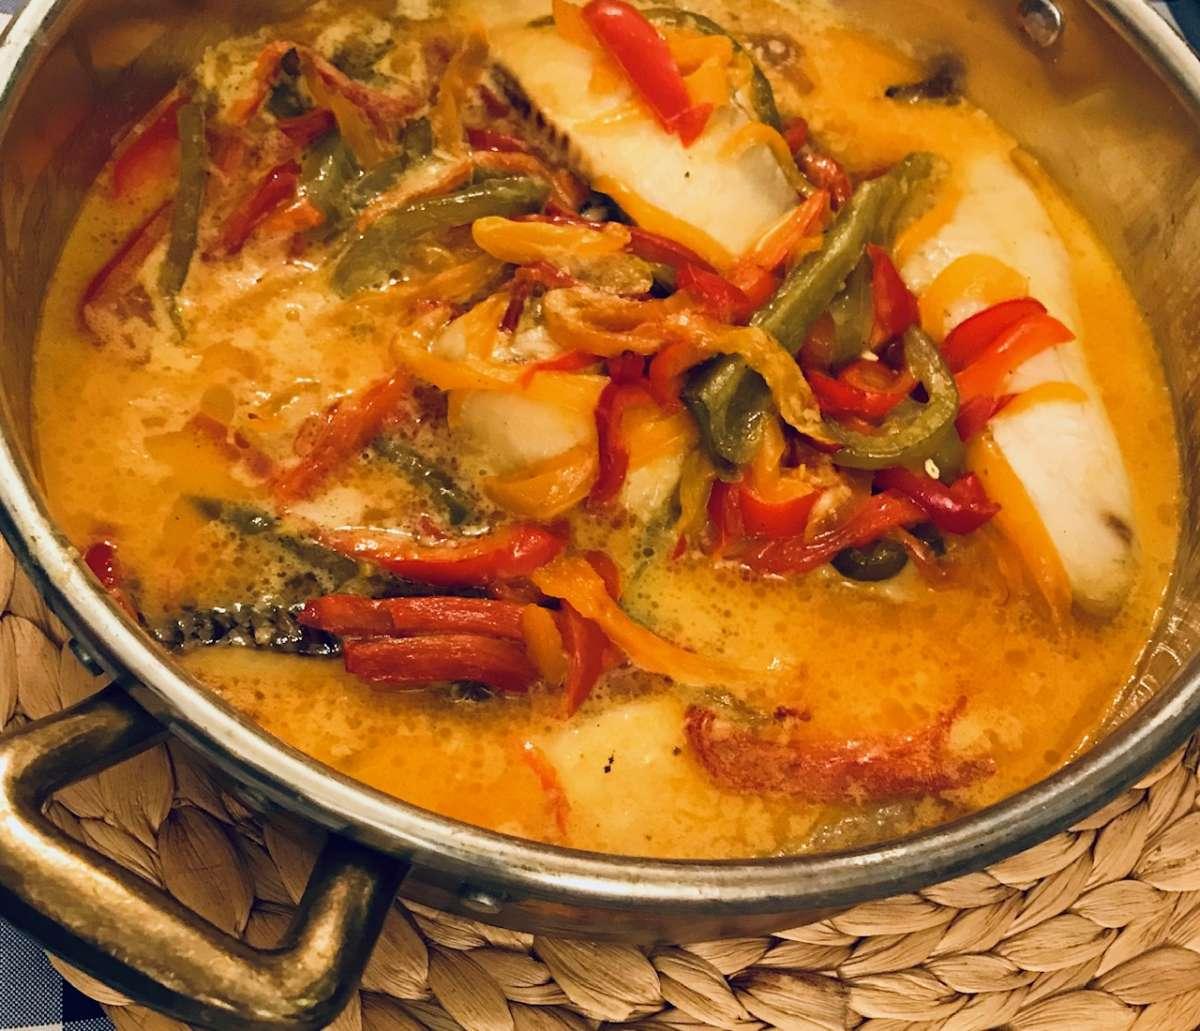 דג אמנון בקוקוס ולימון או בקיצור - יאמי! / צילום: לירון פיין